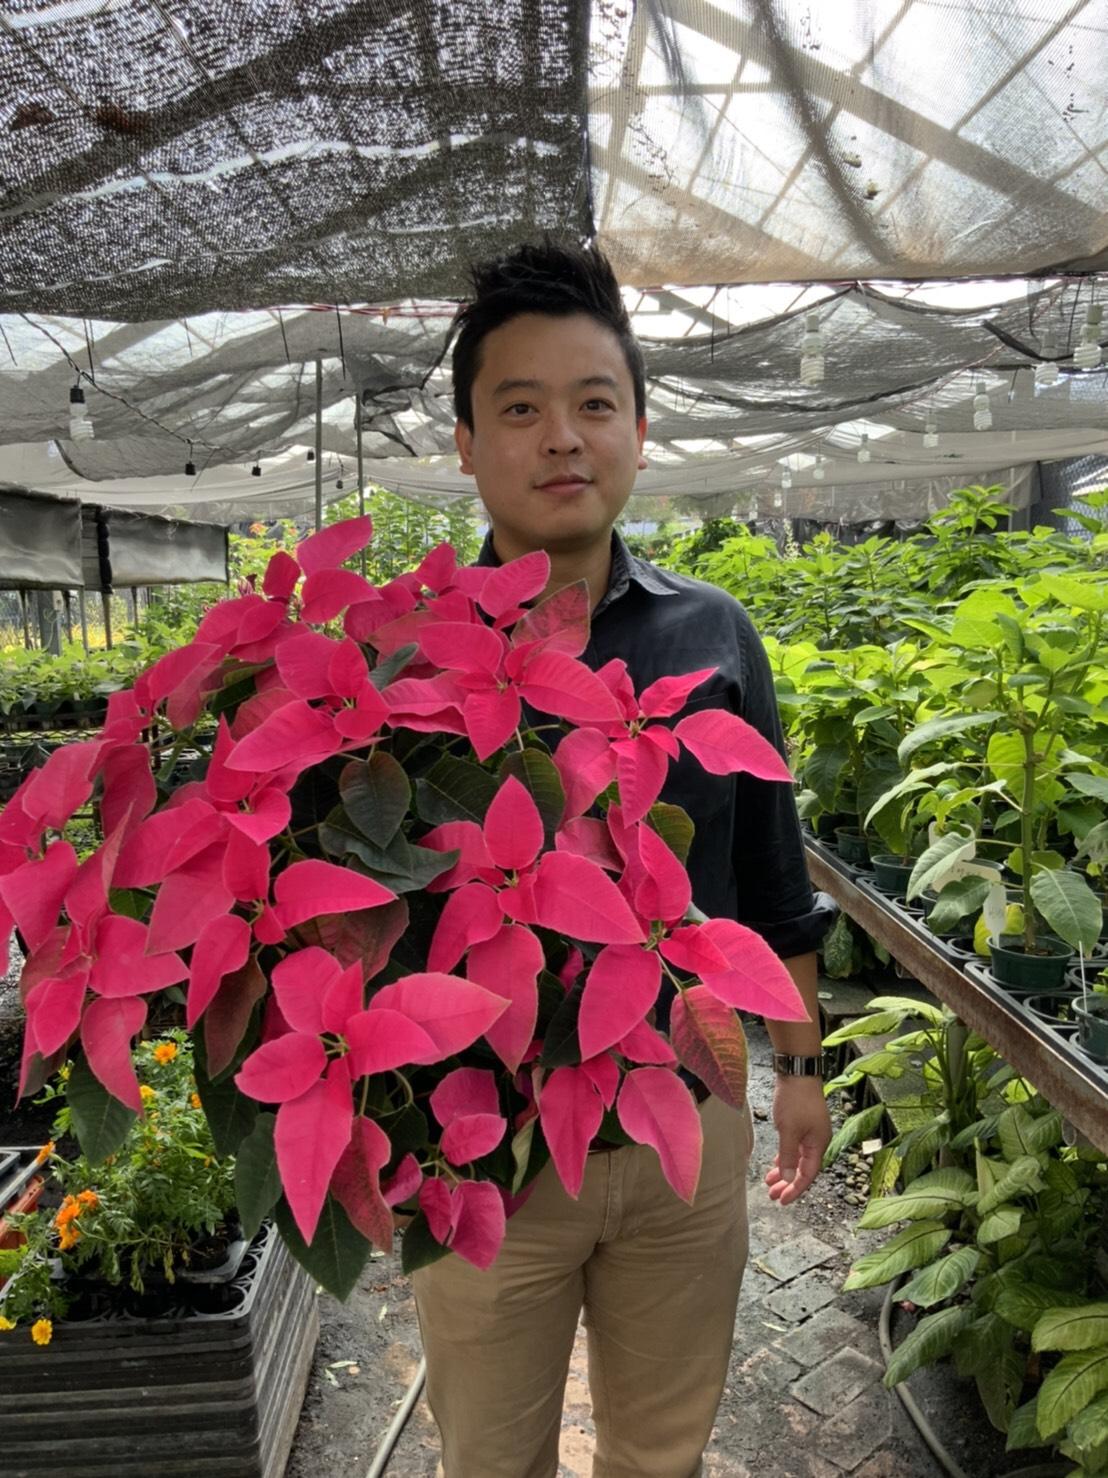 興大園藝系陳彥銘助理教授開發聖誕紅「愛神」榮獲雙項冠軍